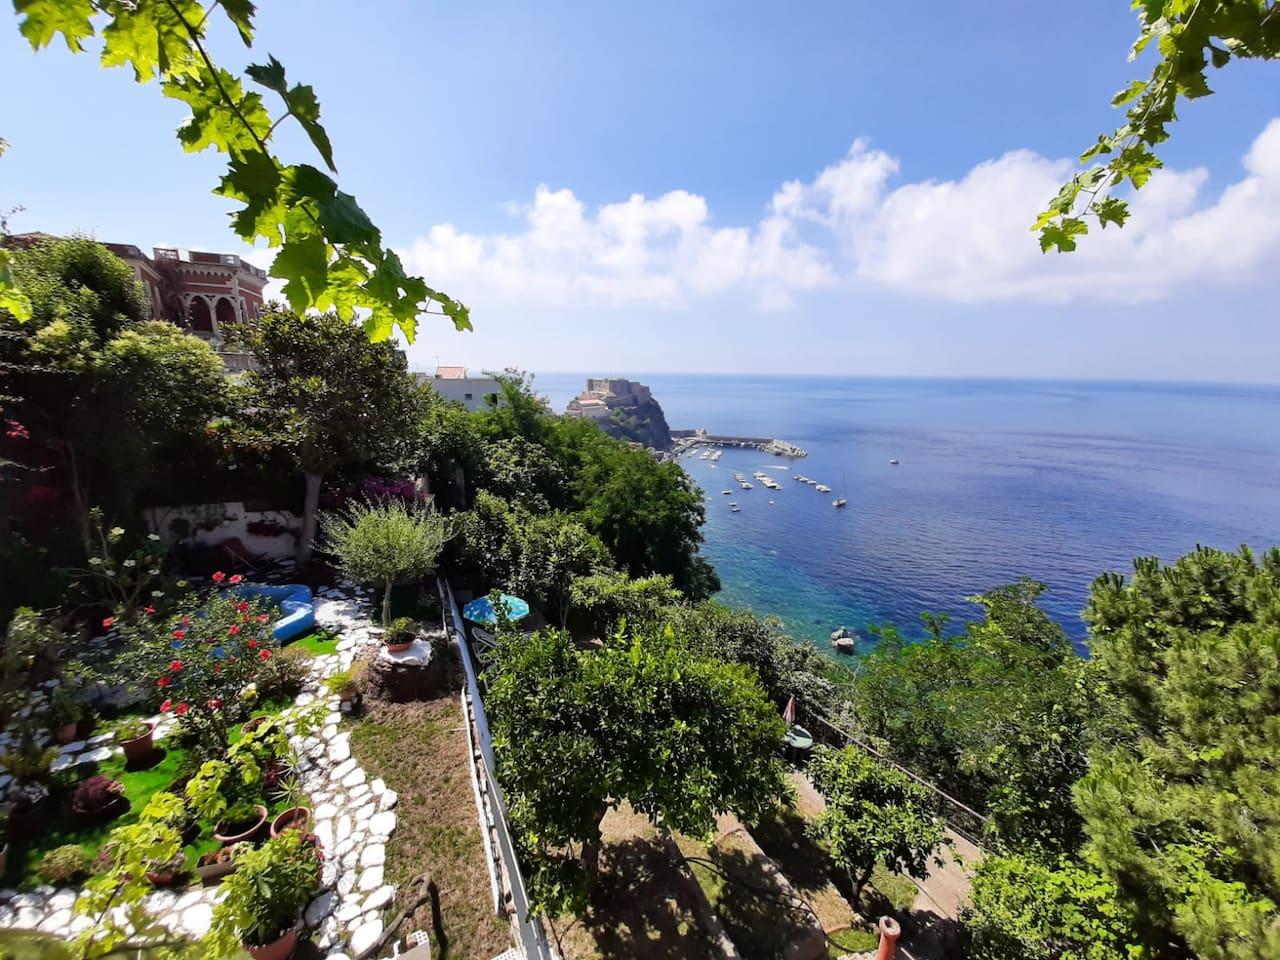 La vista del castello del mare di Scilla